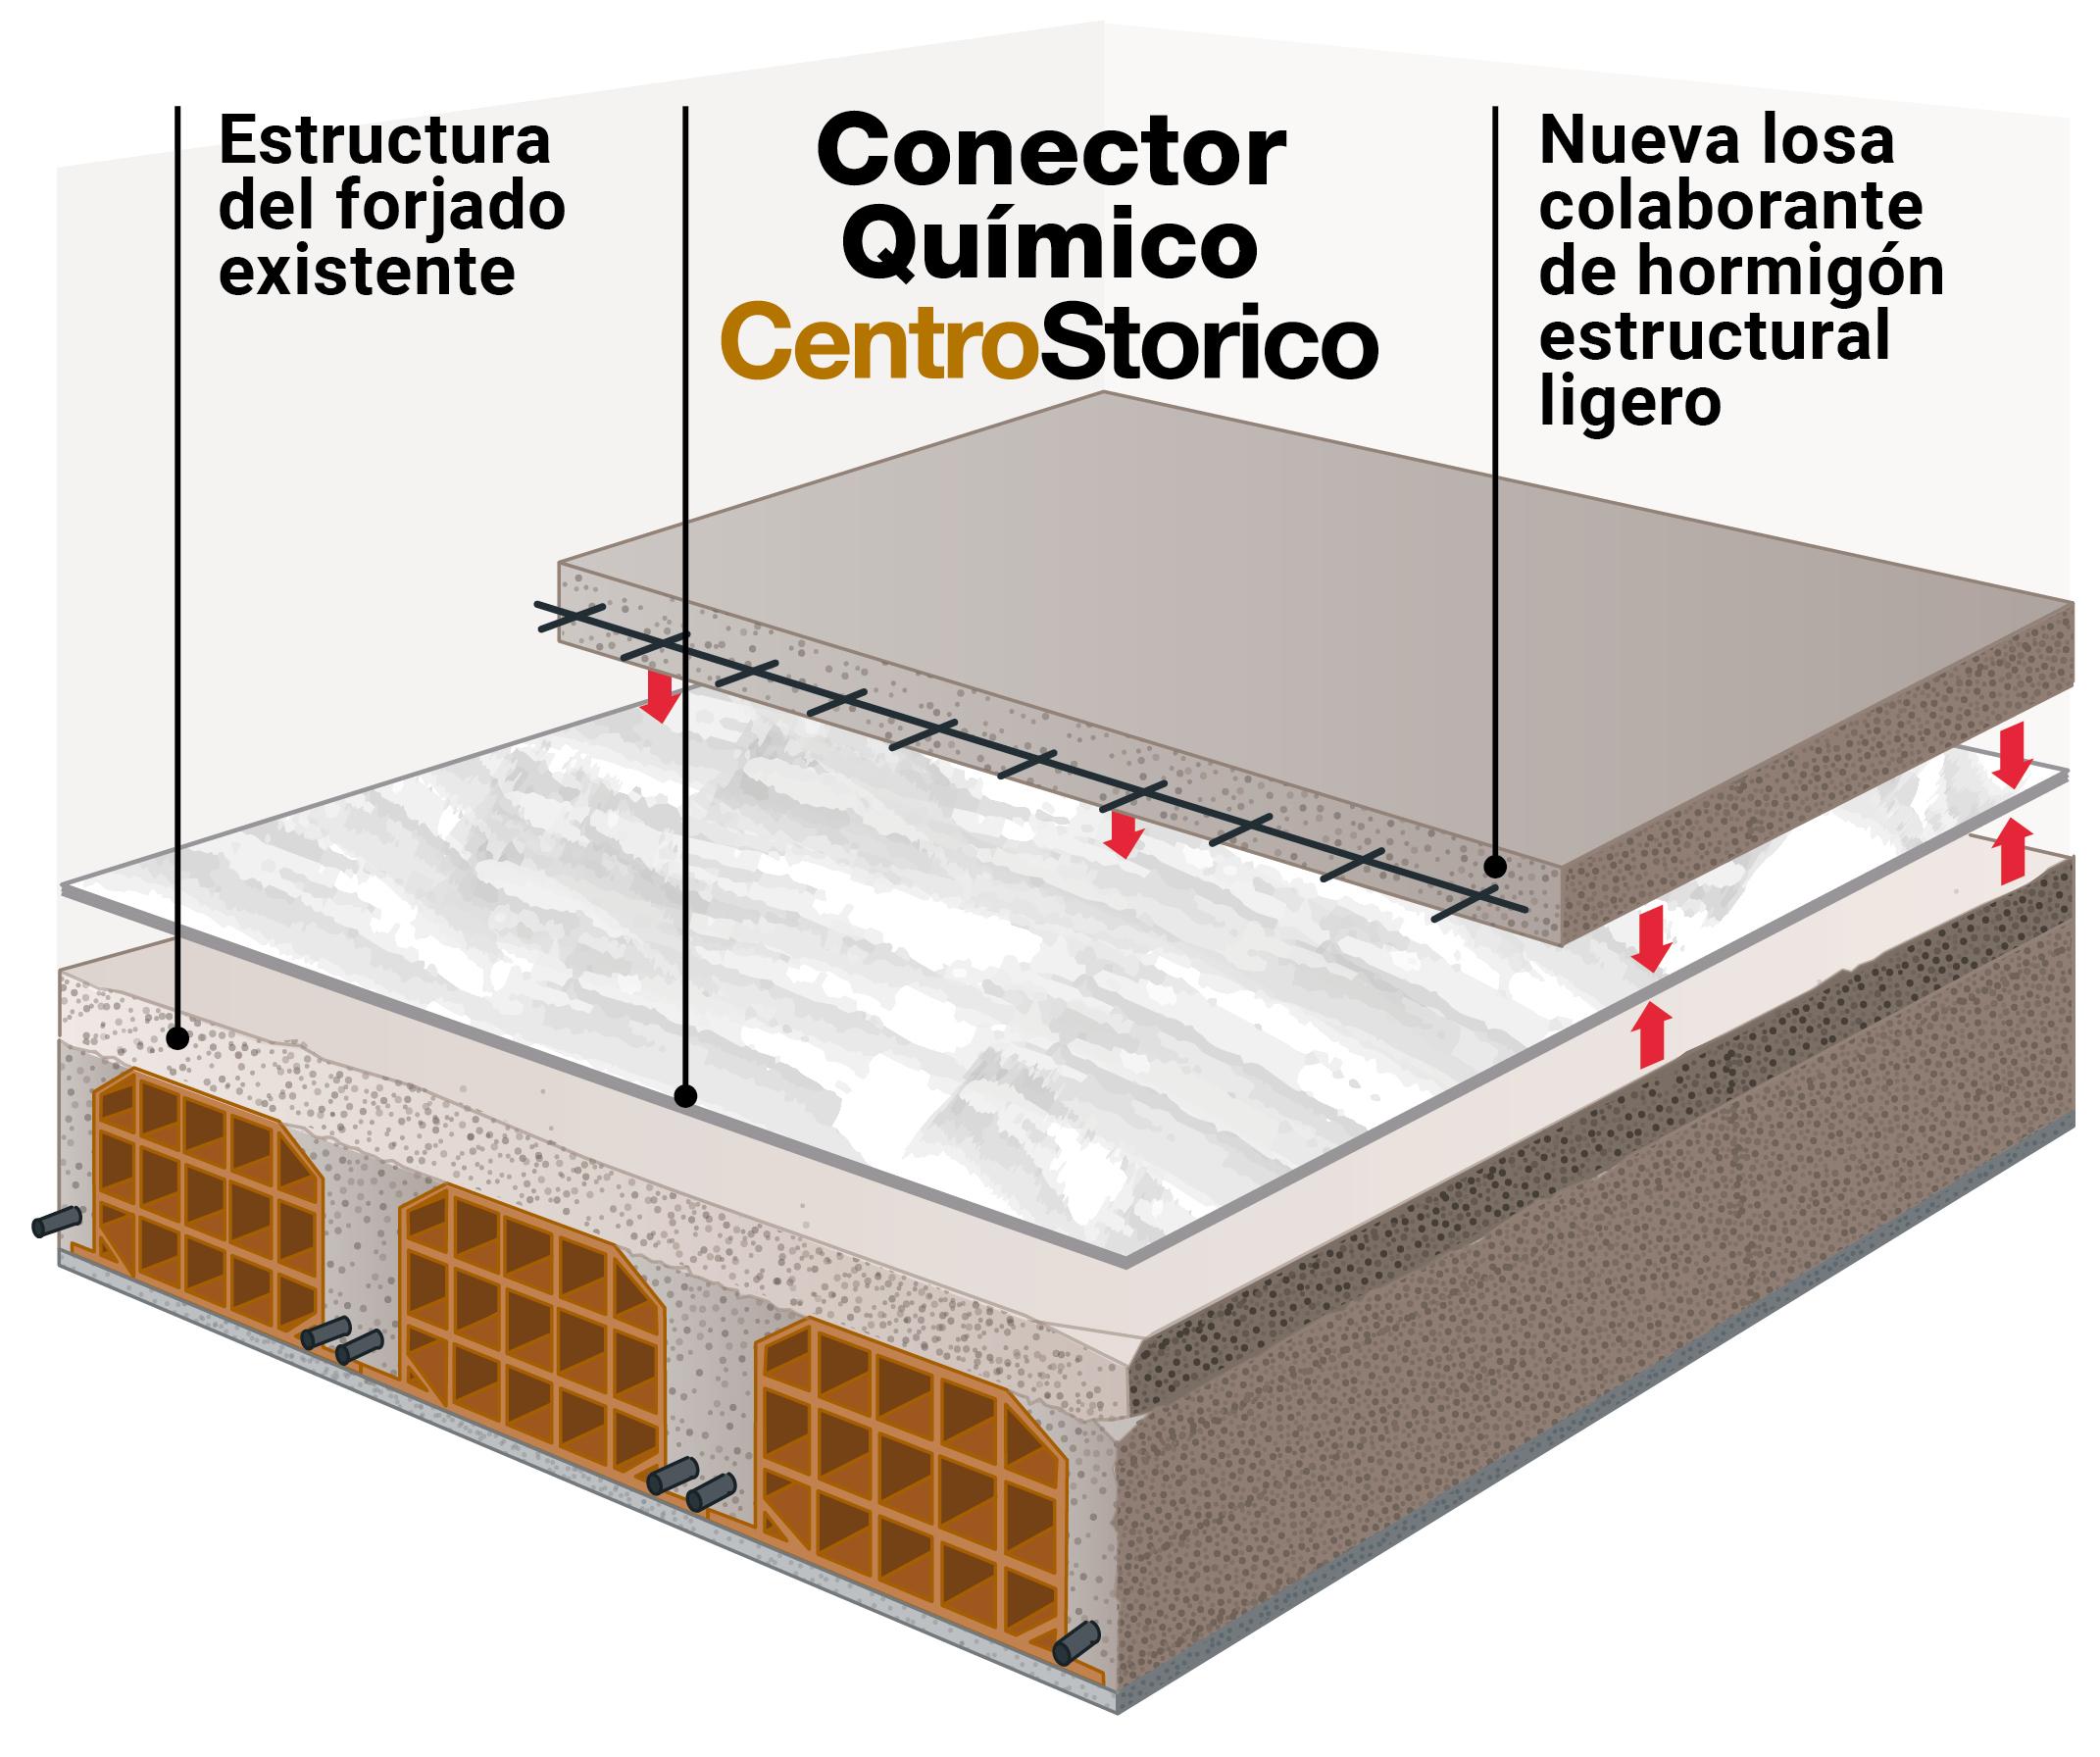 Novedad Conector Quimico CentroStorico